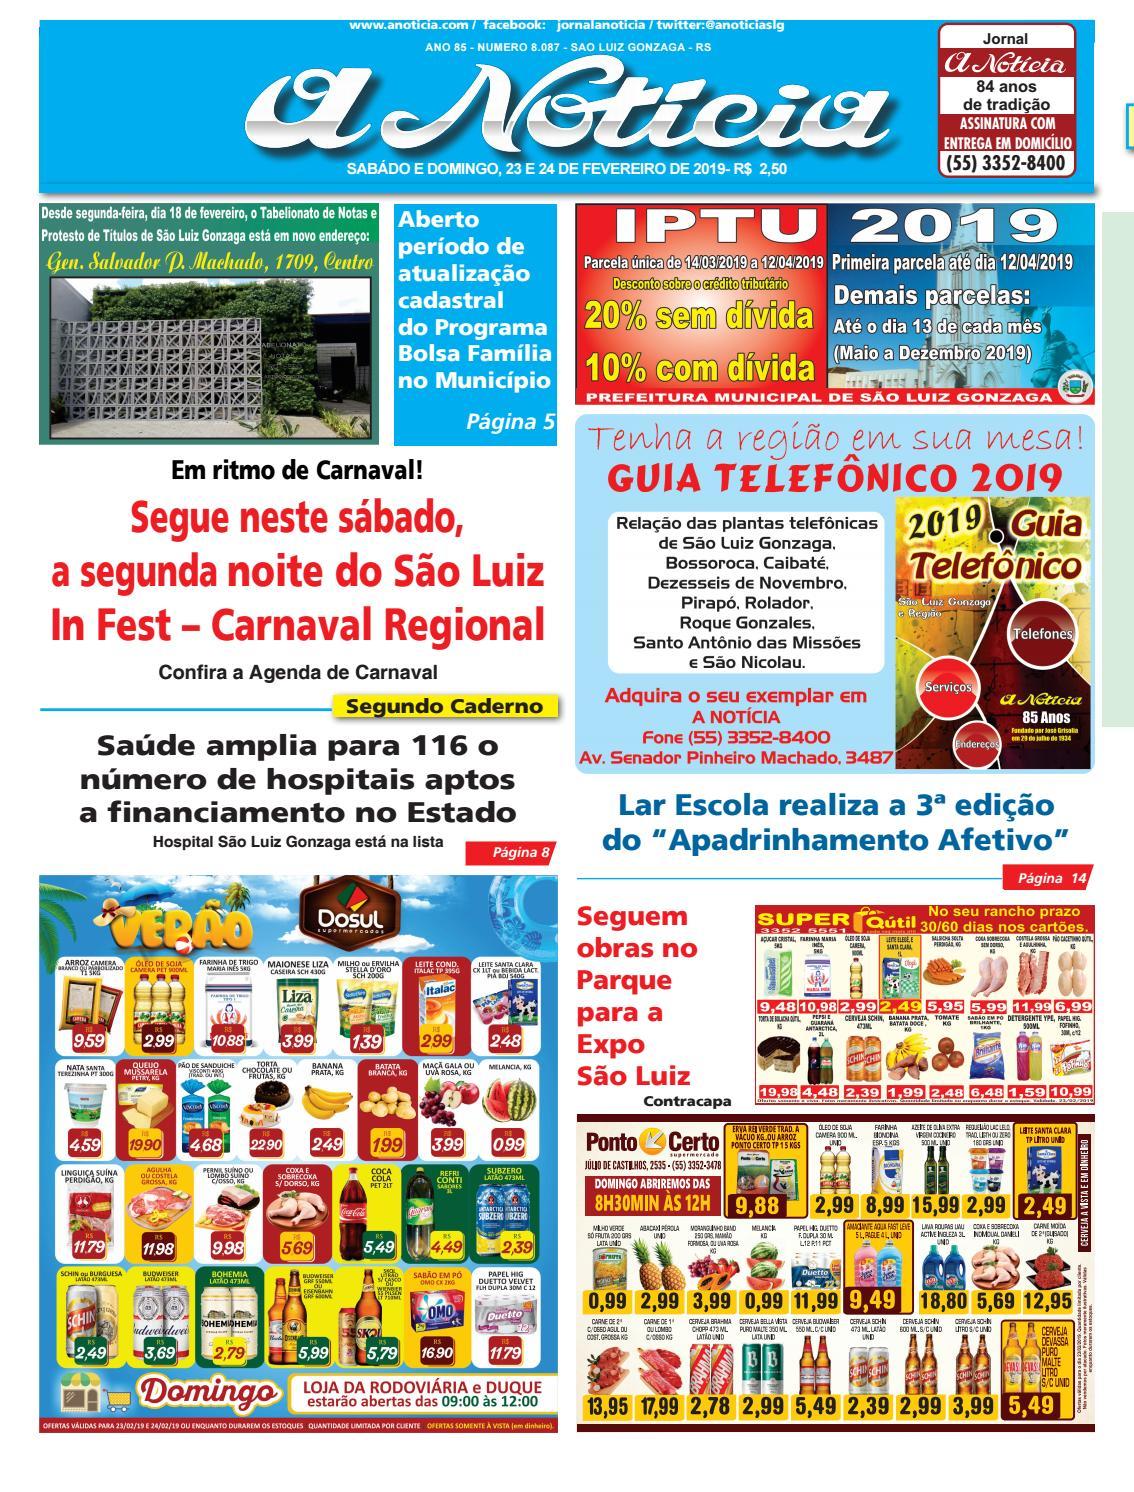 2c9fd7470 Edição dia 23 e 24 de fevereiro de 2019 by Jornal A Notícia - issuu